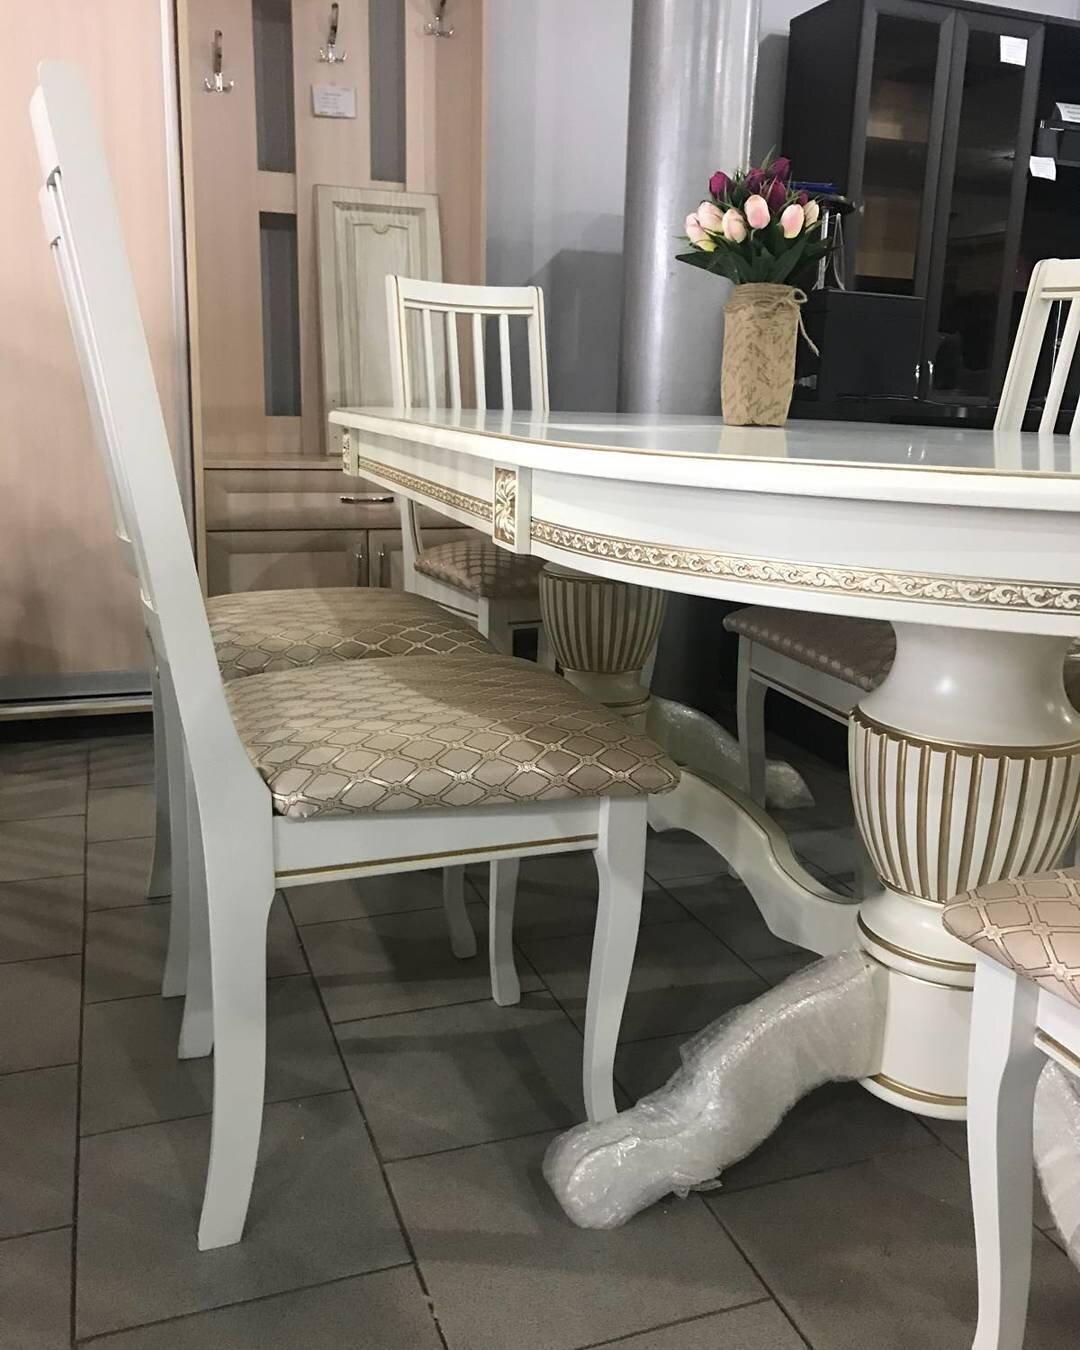 Стол 200*100 (+50) см., раздвижной 2-х тумбовый стол из массива бука Цвет: Слоновая кость с золотой патиной - фото pic_31a9b72ca477d4bbe31cabbc114e6070_1920x9000_1.jpg